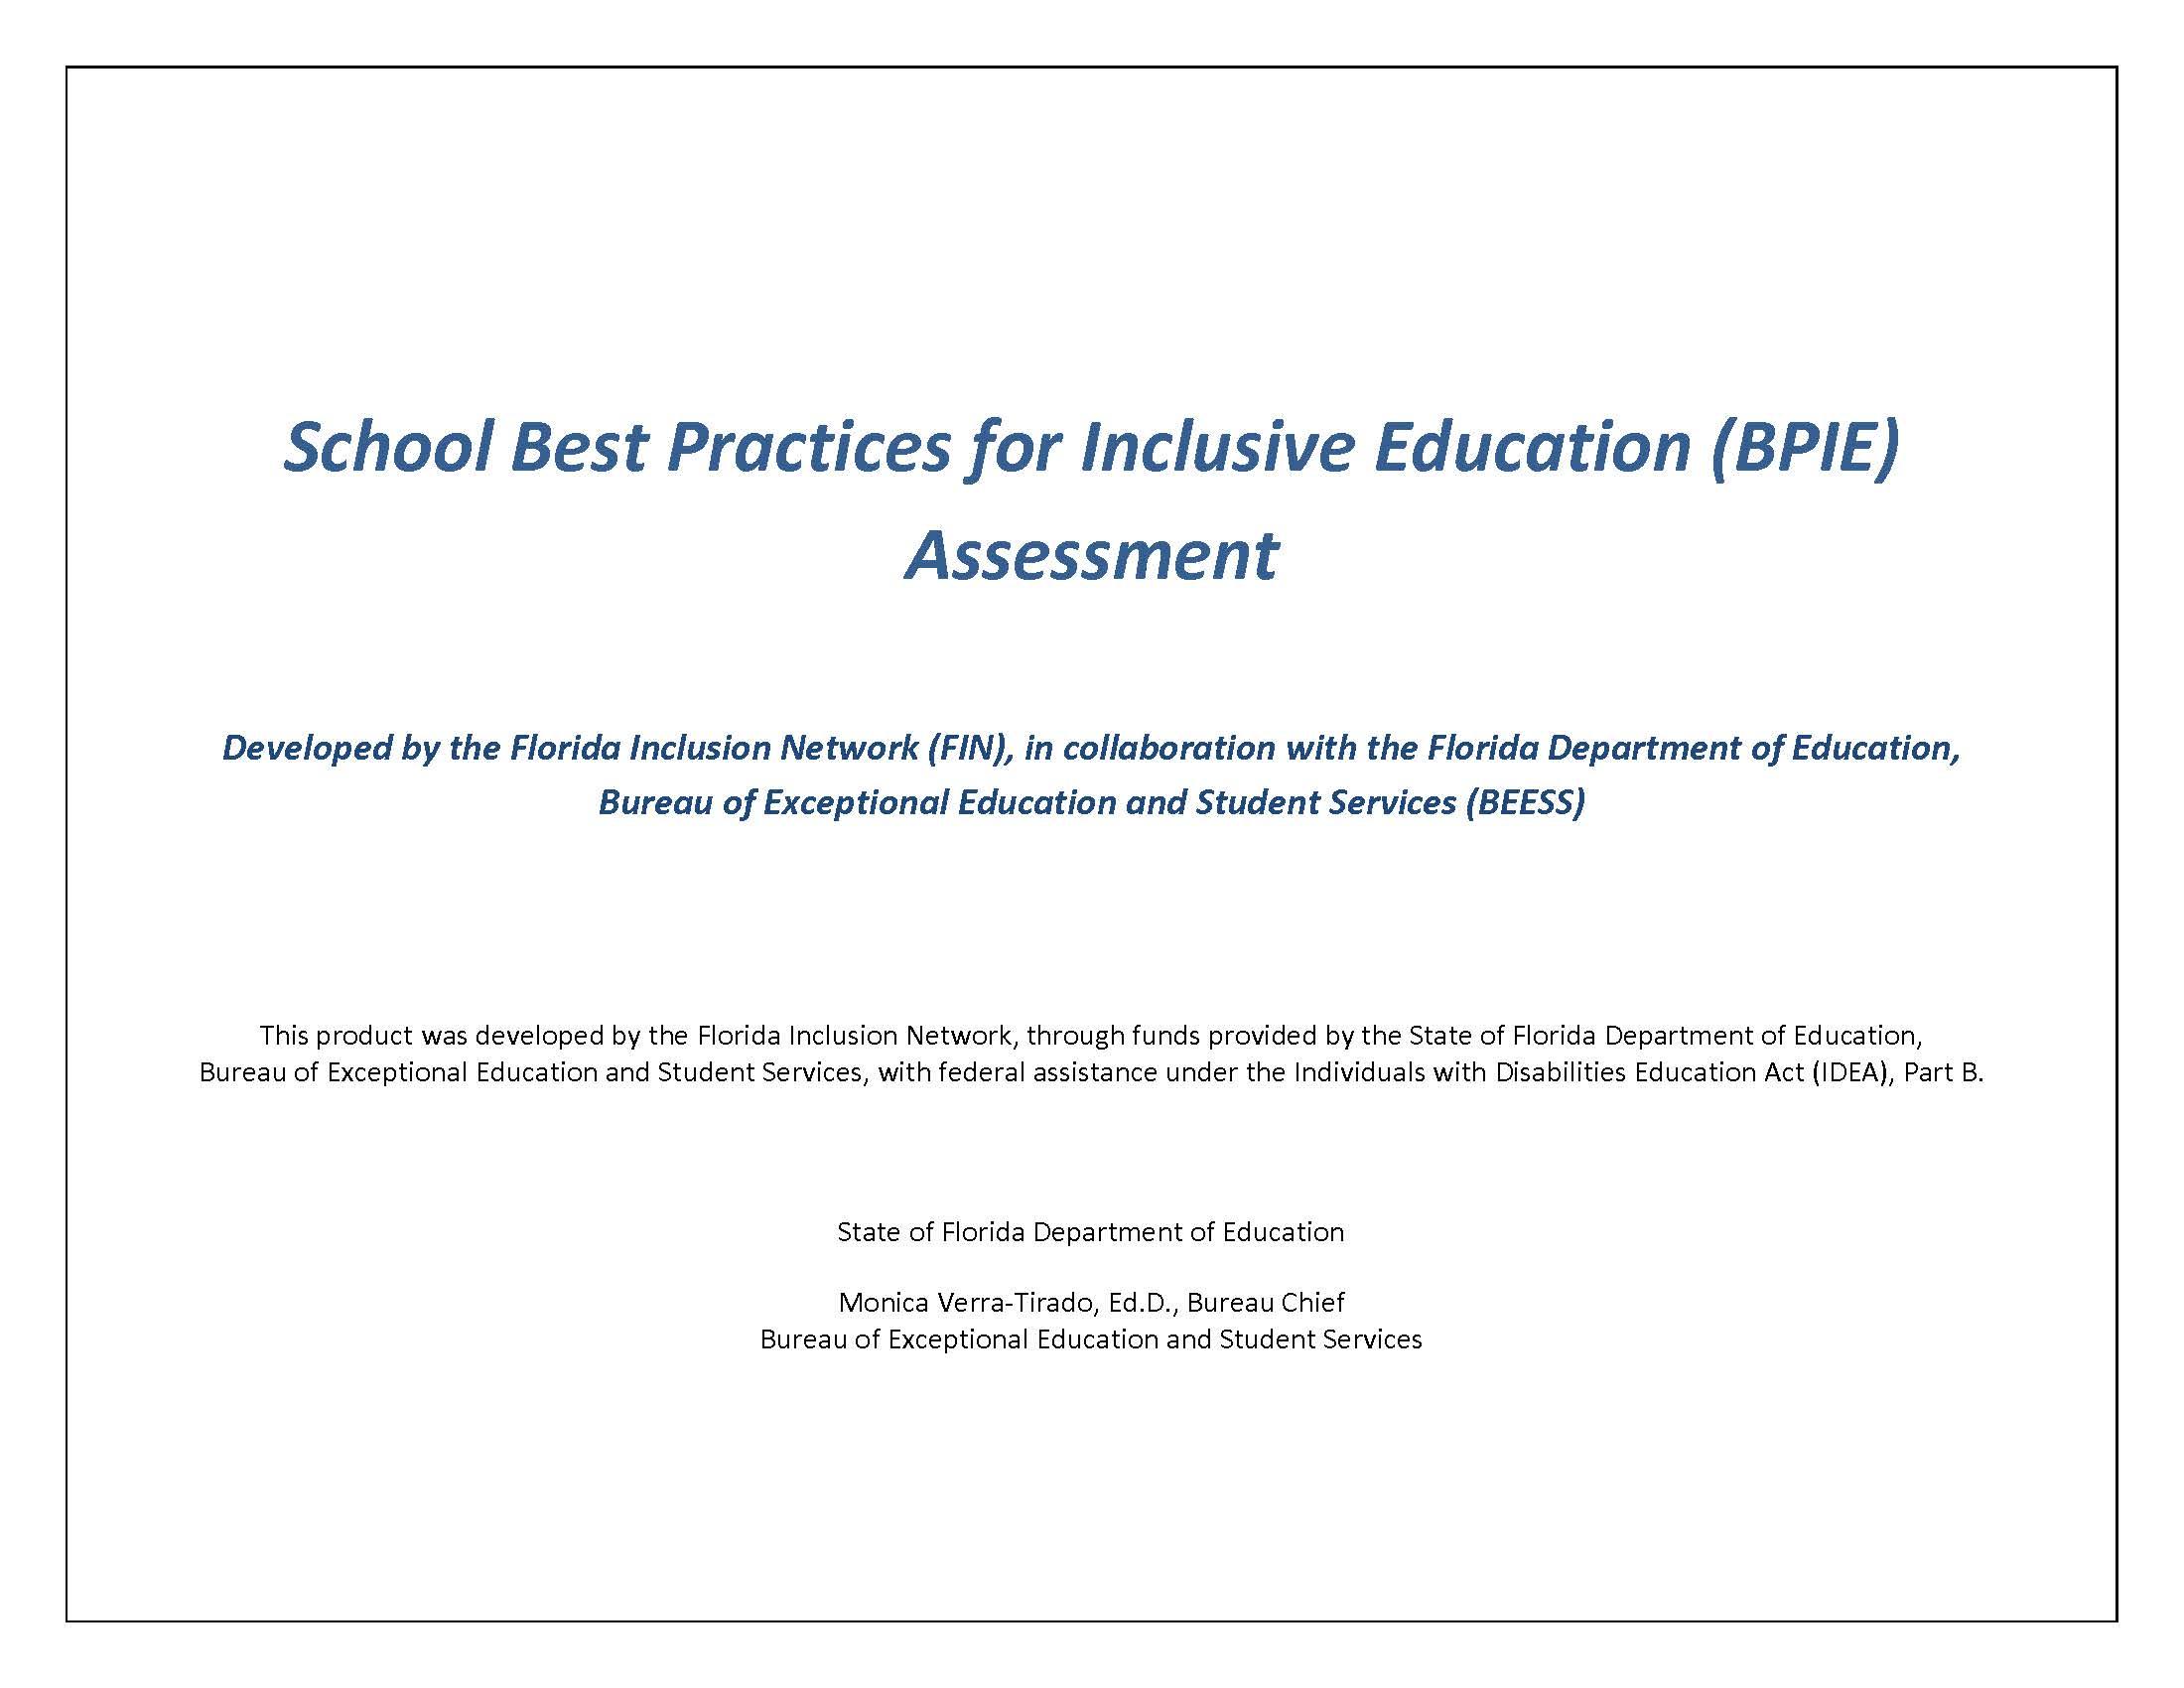 FIN School BPIE Assessment Instrument